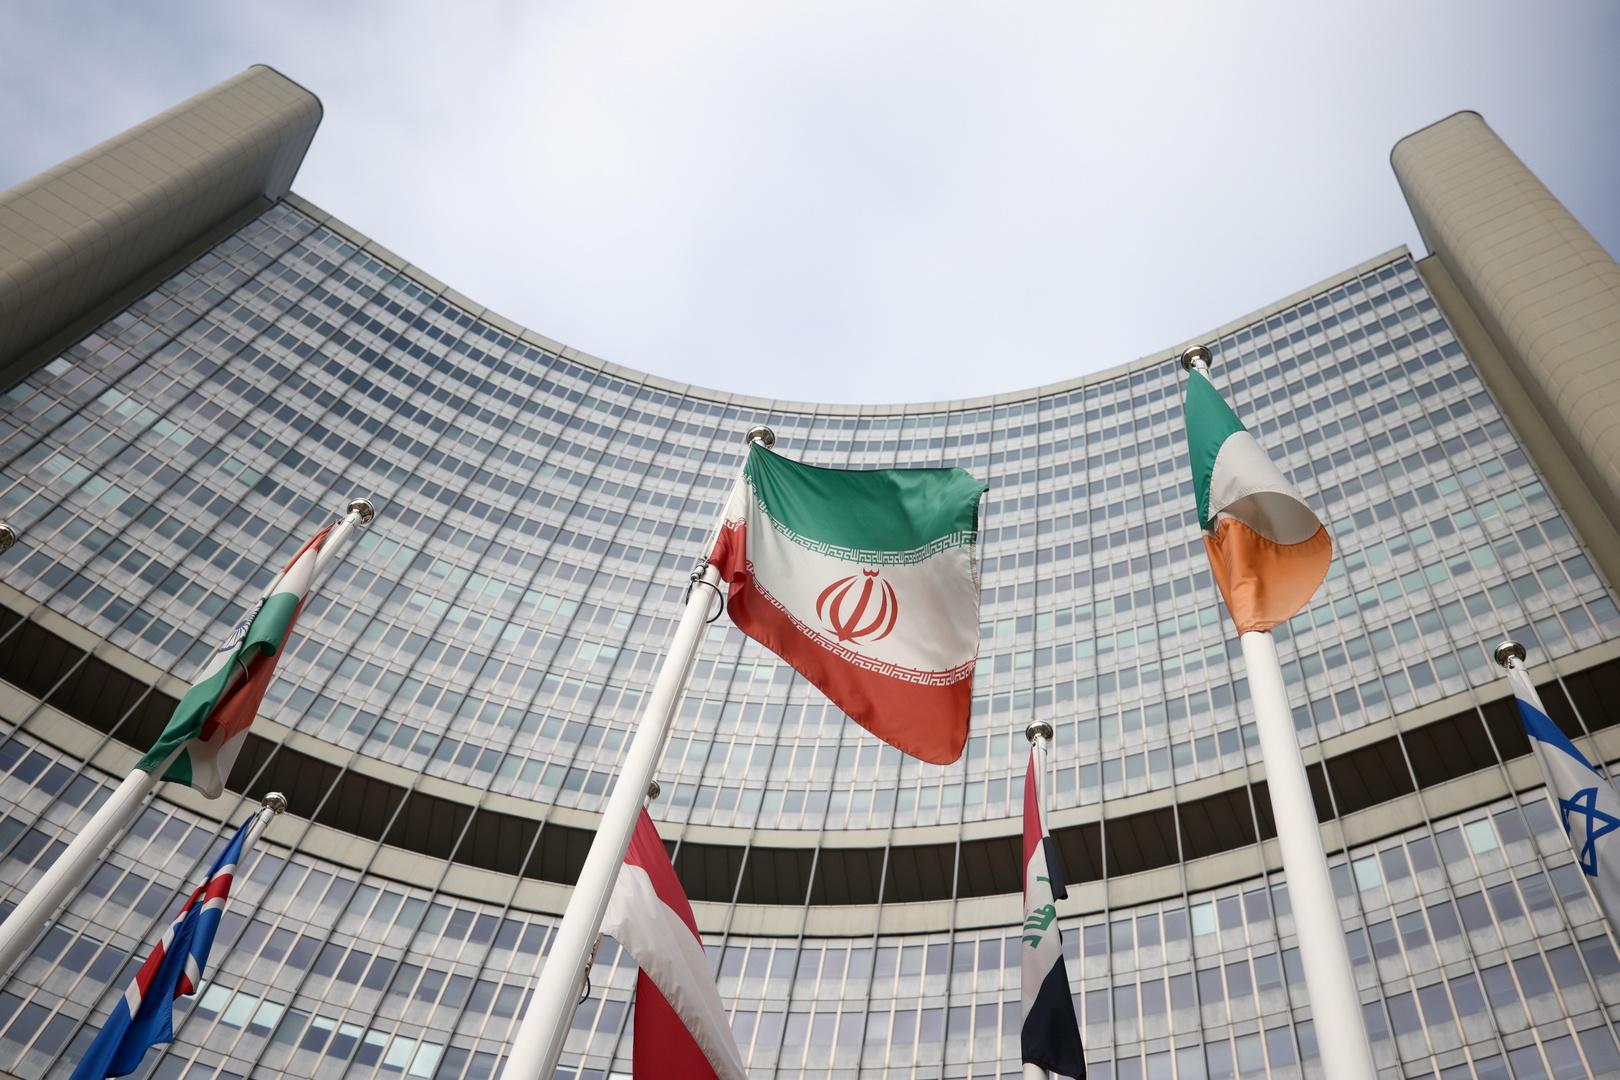 رويترز: تأجيل المحادثات بين إيران ووكالة الطاقة الذرية حول آثار يورانيوم غير مبررة في بعض المواقع